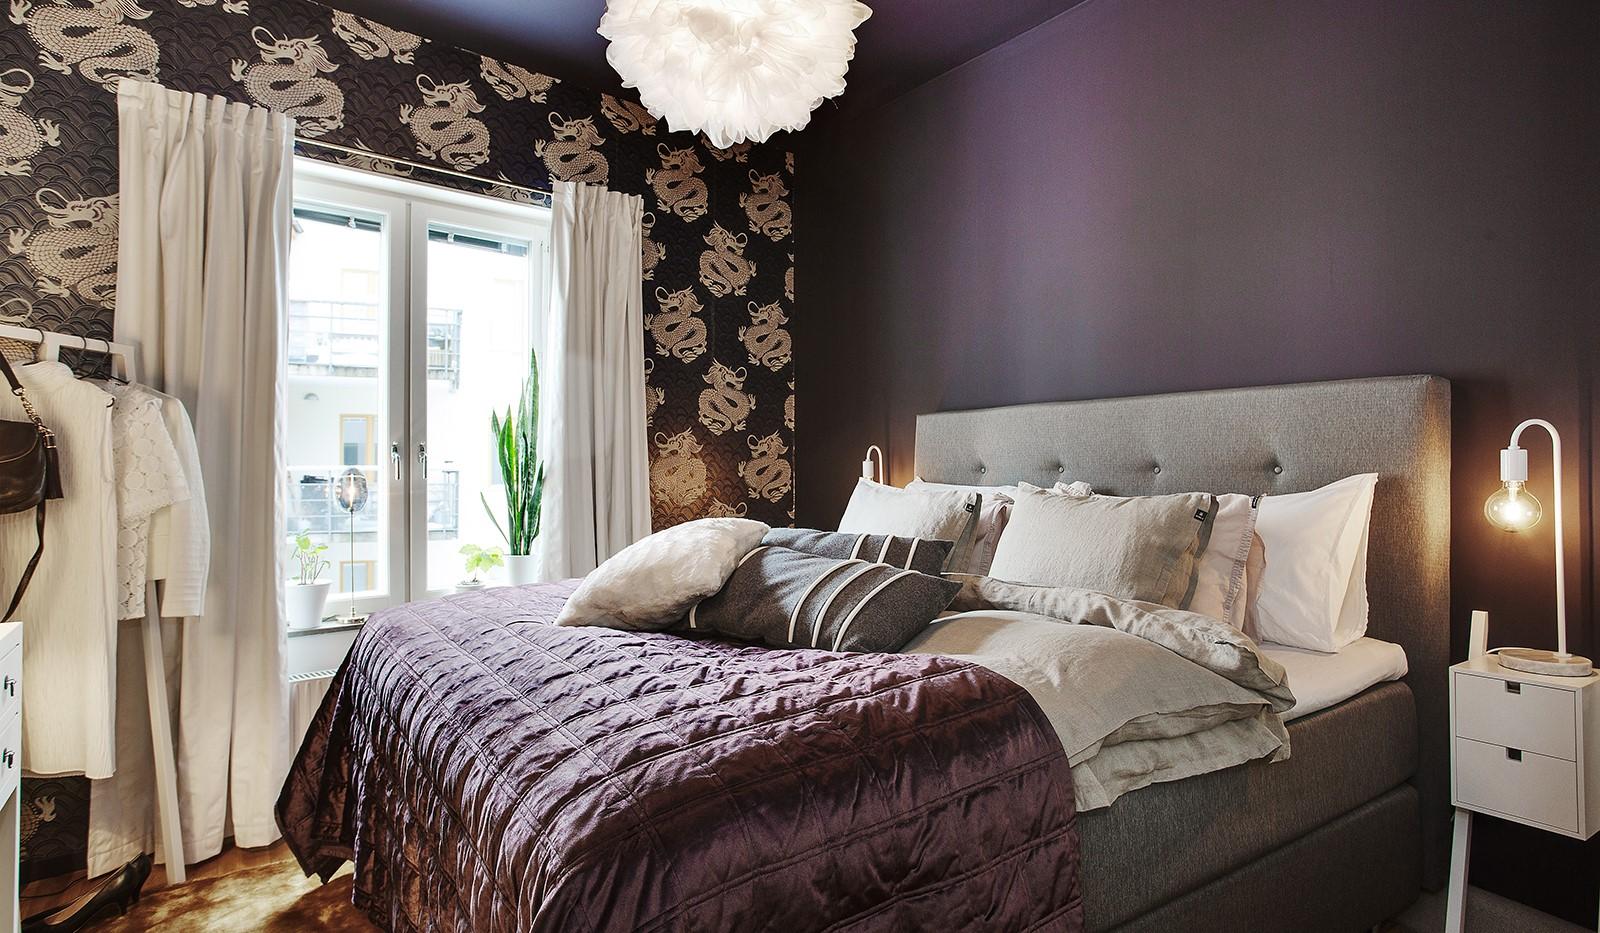 Korphoppsgatan 25, 2 tr Gårdshus! - Rymligt sovrum med plats för dubbelsäng och sängbord